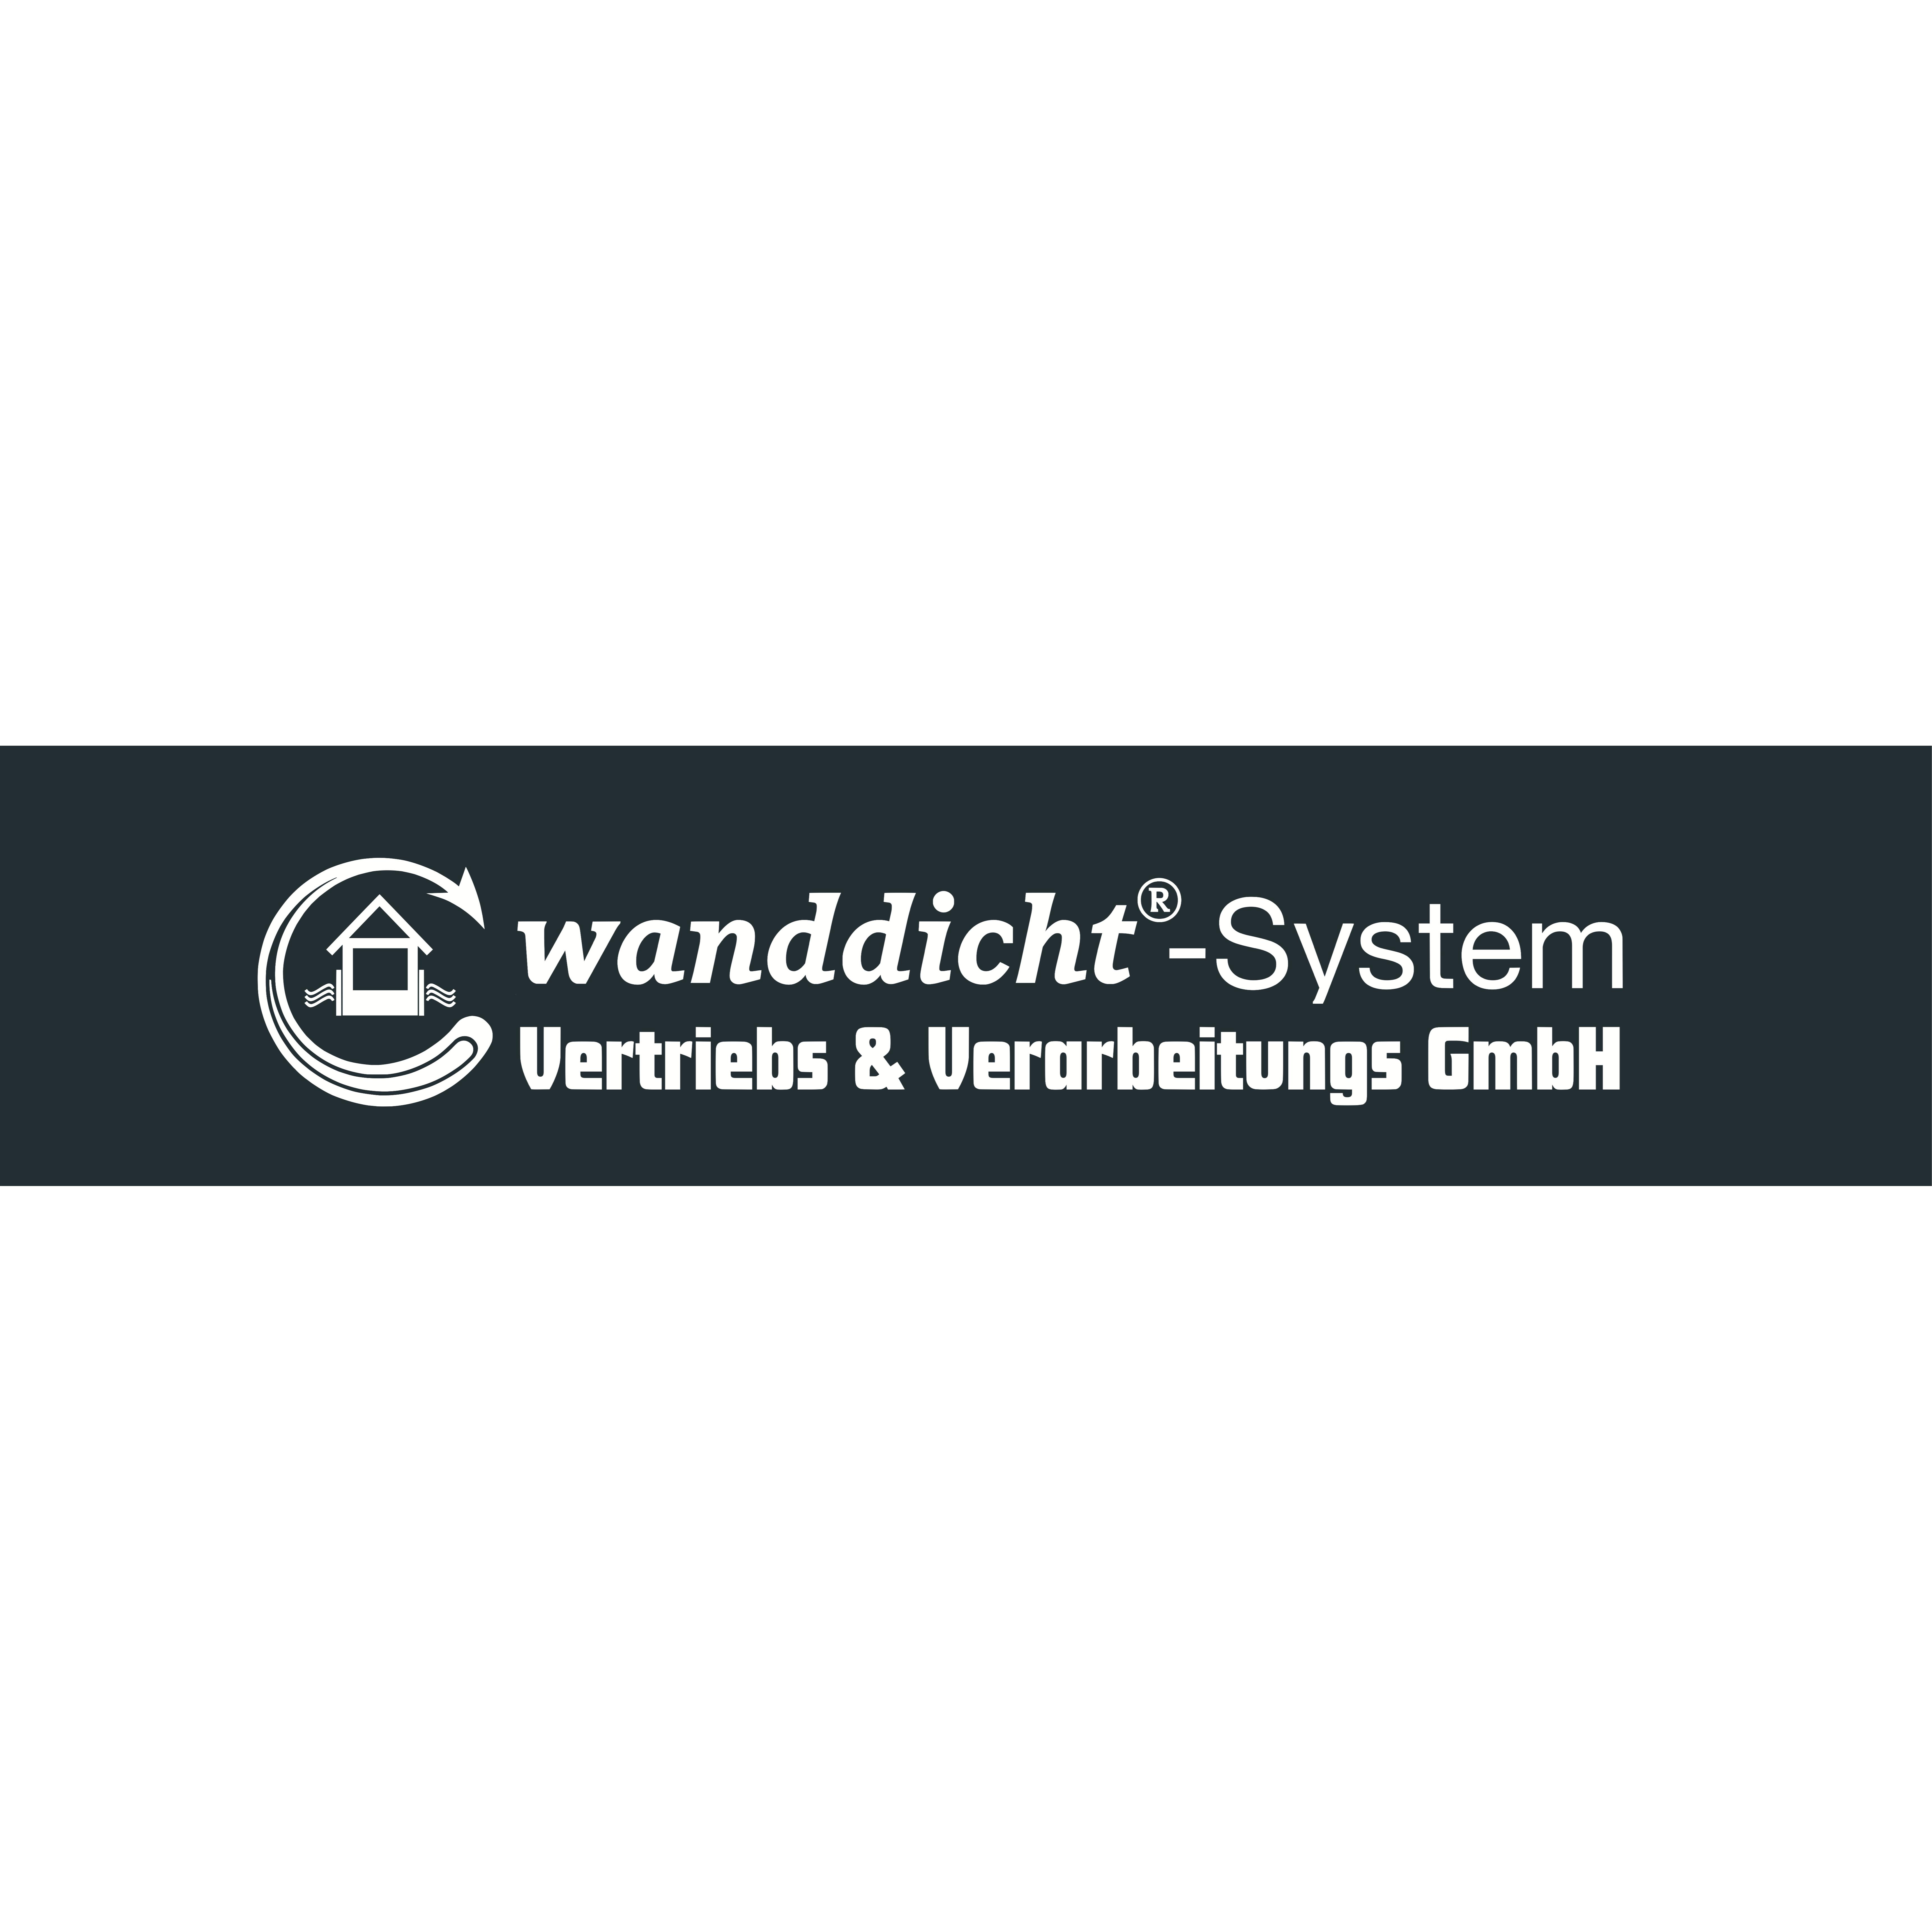 Bild zu wanddicht®-System Vertriebs & Verarbeitungs GmbH - Grüne Wanne® Düsseldorf in Düsseldorf